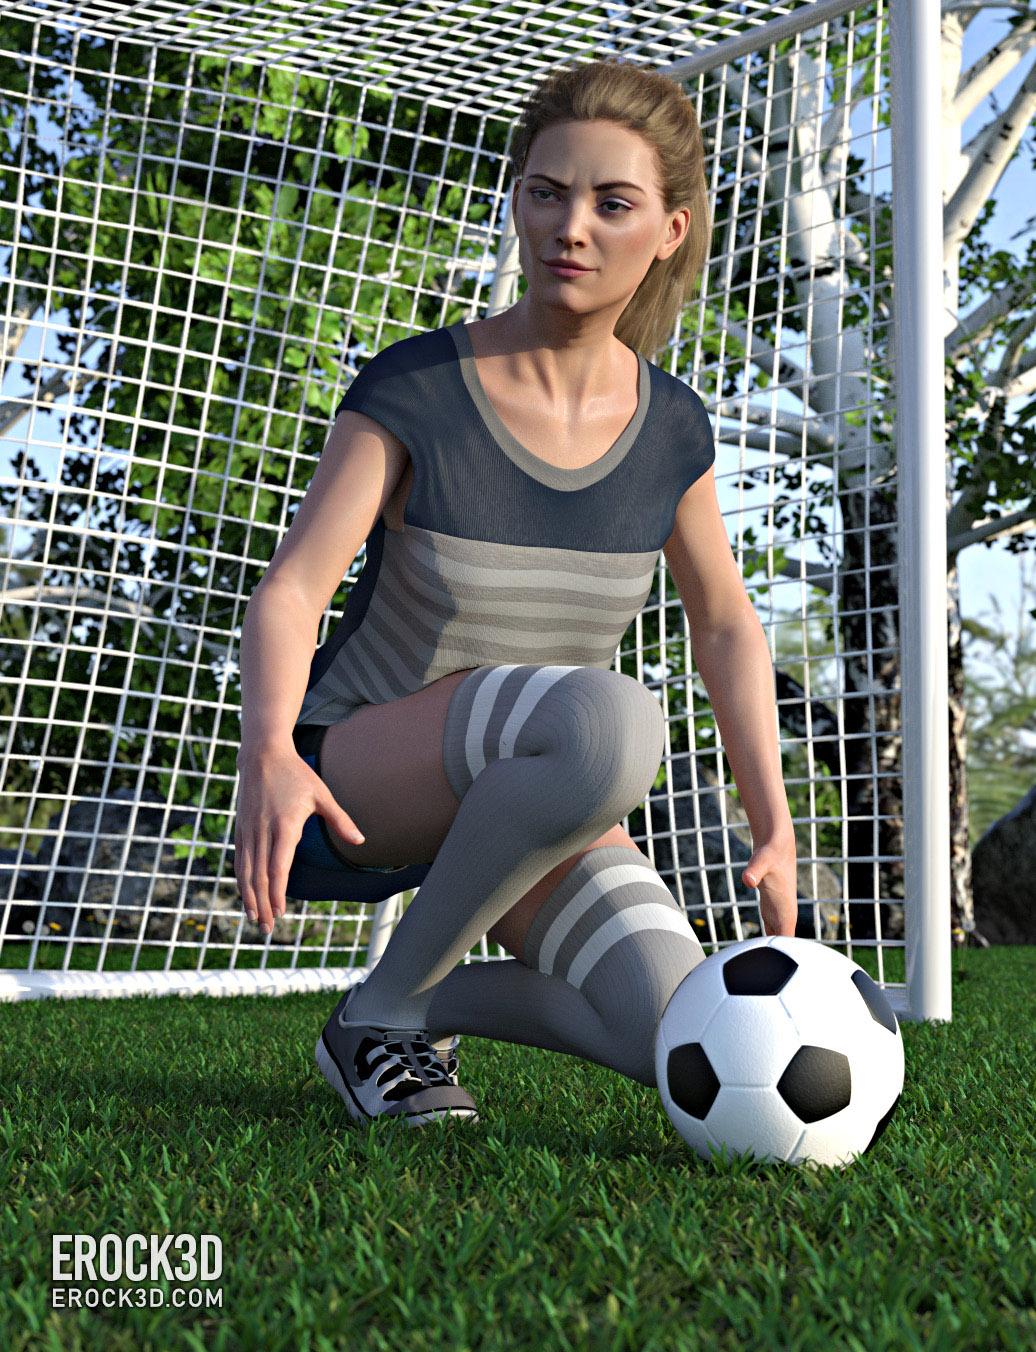 Erock3D Free Grass System Promo - Soccer Girl